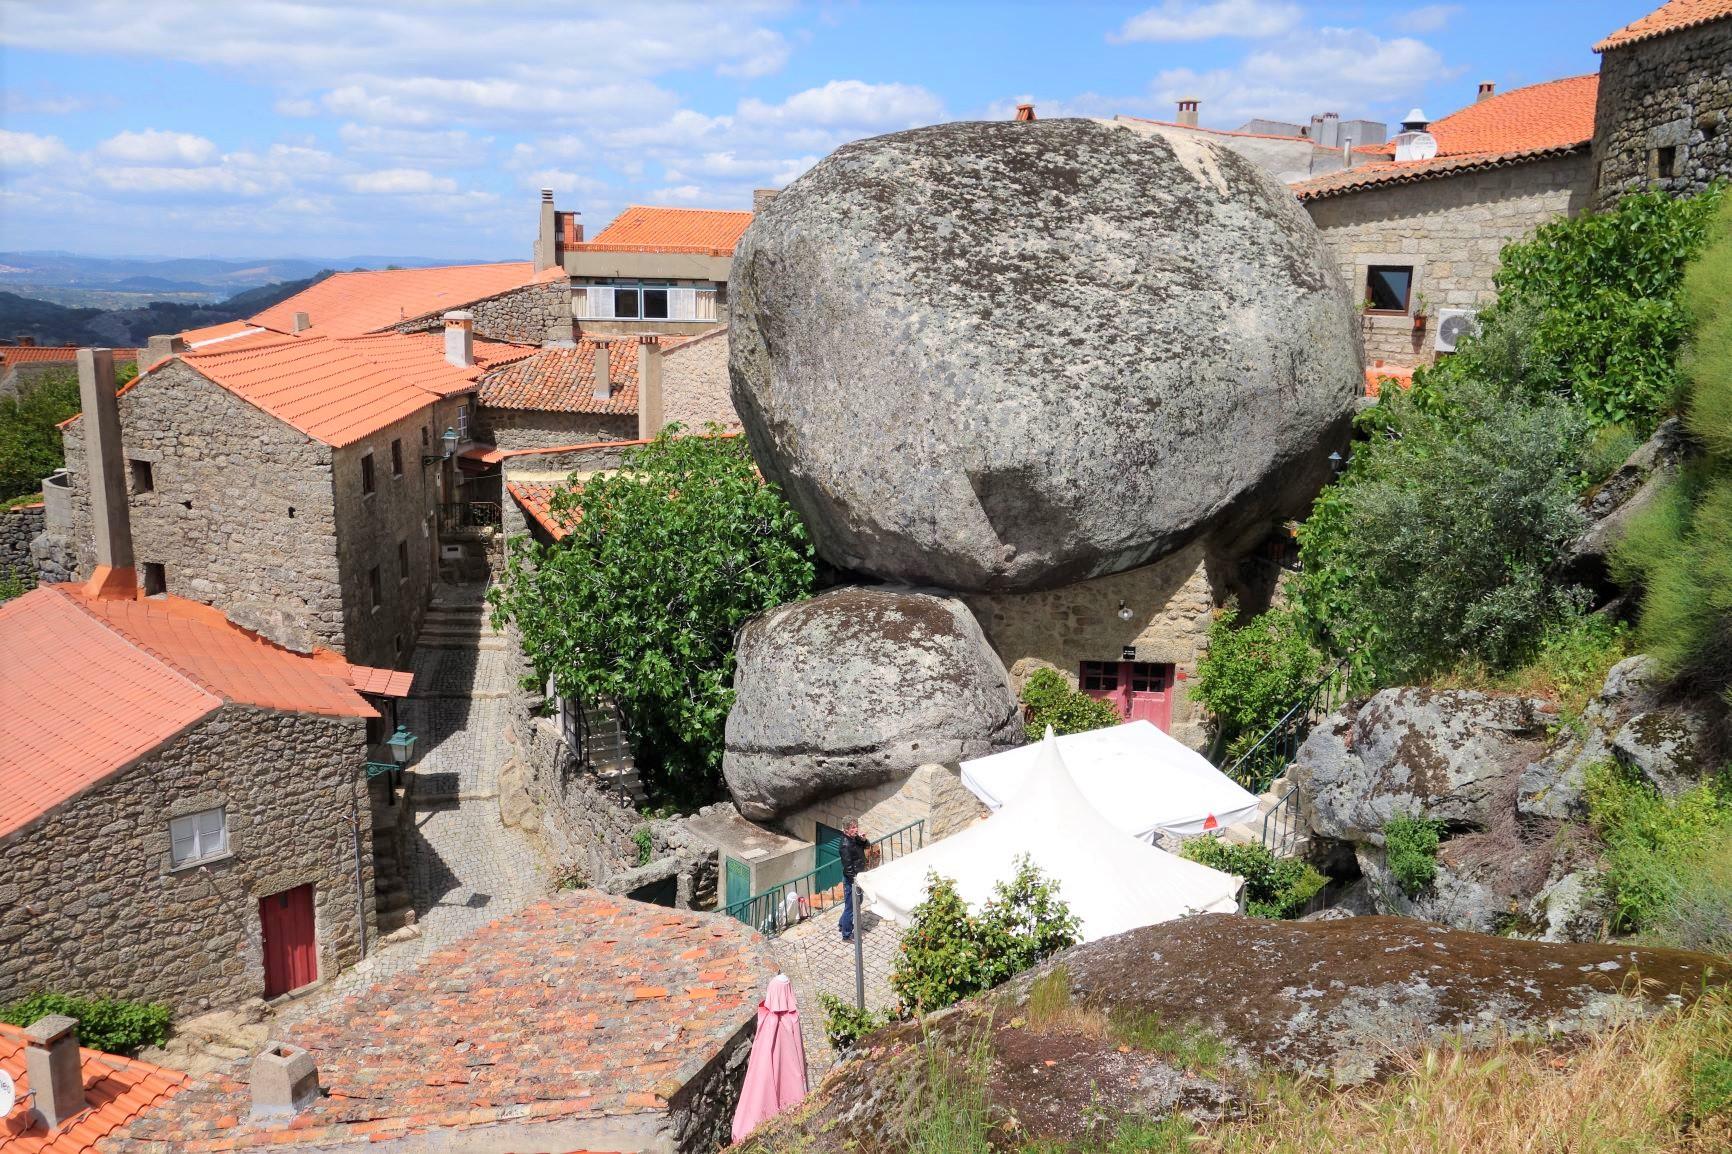 大岩の間に建てられたモンサント村の家々(6日目)